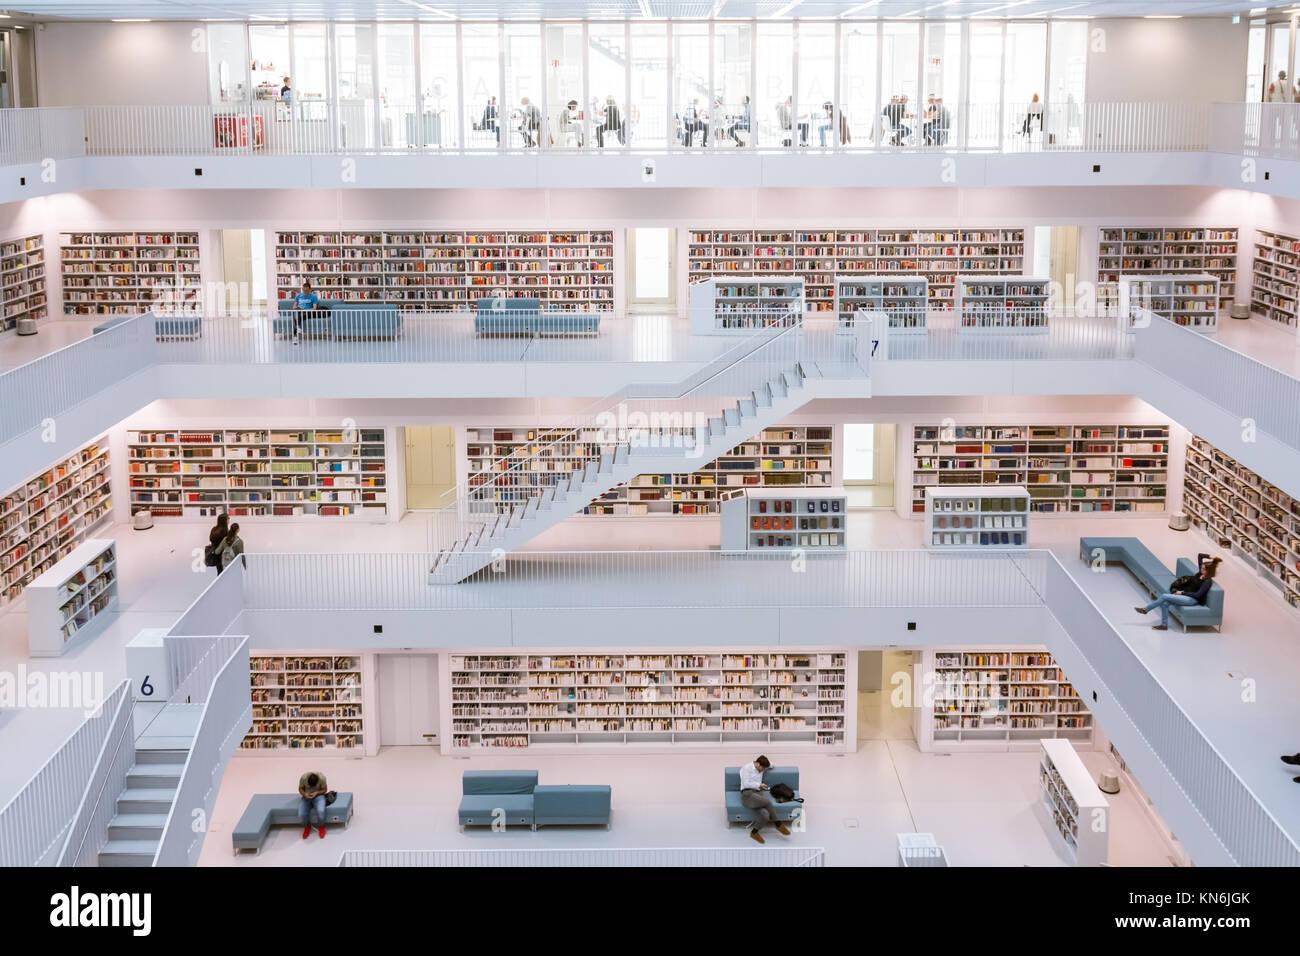 Città di stoccarda interni della libreria moderna architettura